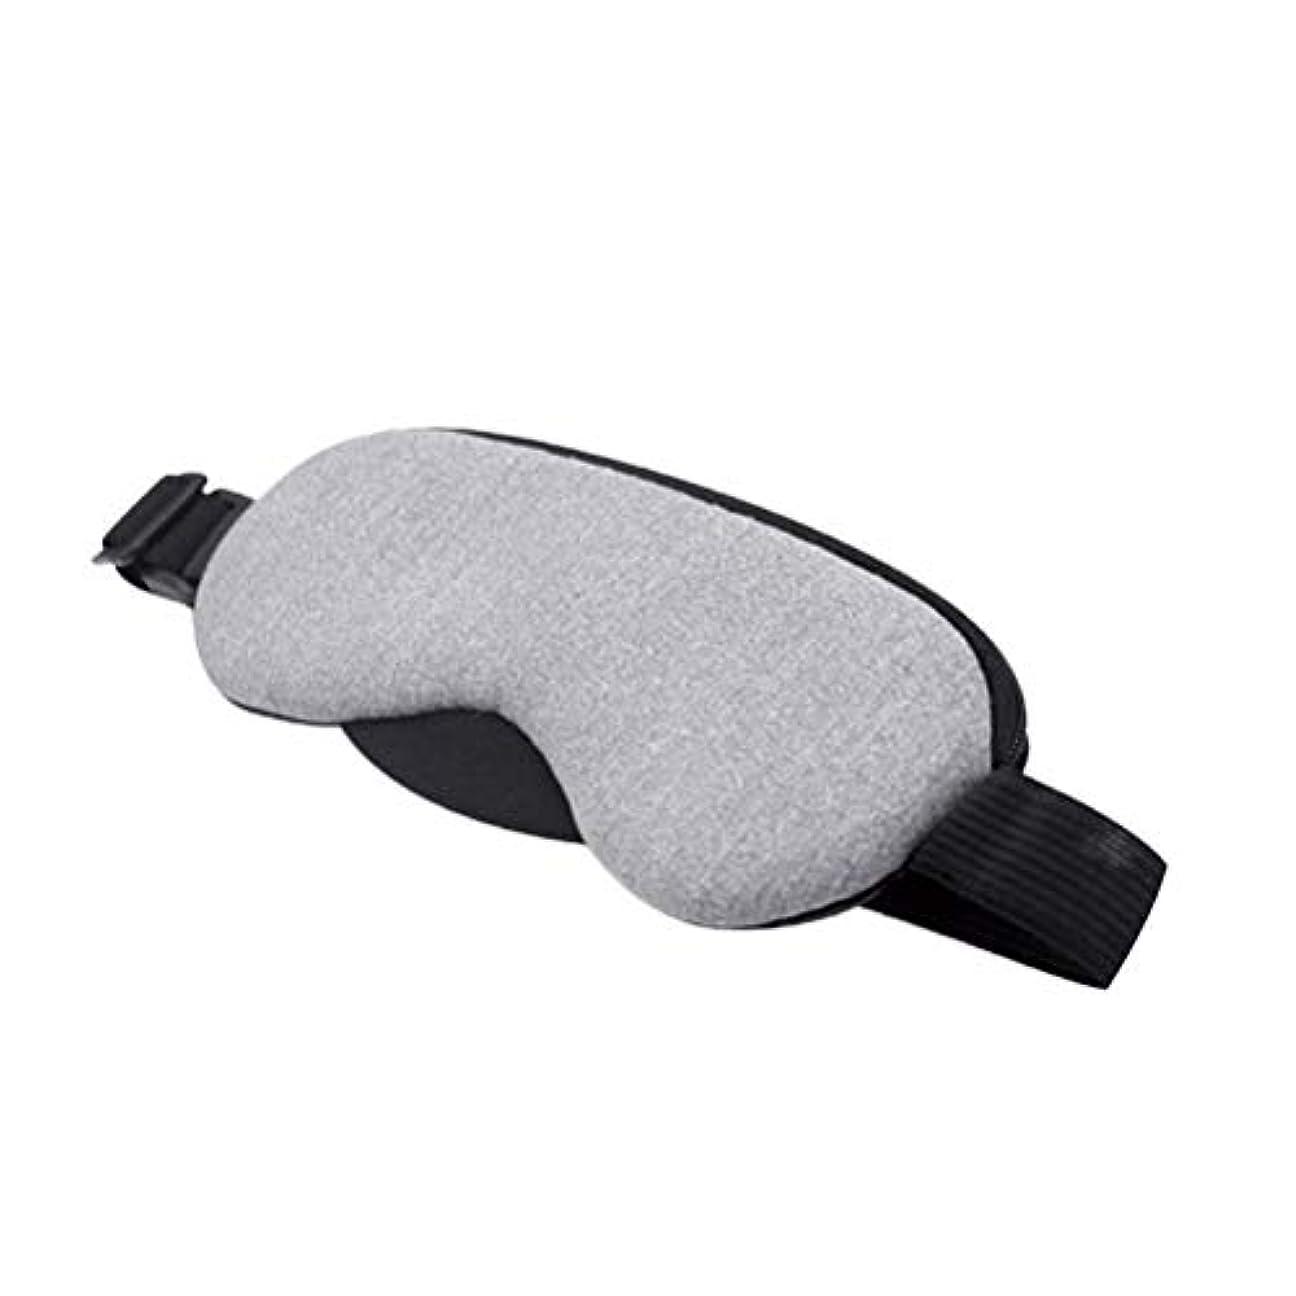 ブラウン期限リッチHealifty アイマスク 蒸気ホットアイマスク USB 加熱式 スリーピングアイマスク 温度とタイミング制御 吹き出物/乾燥/疲れた目(灰色)